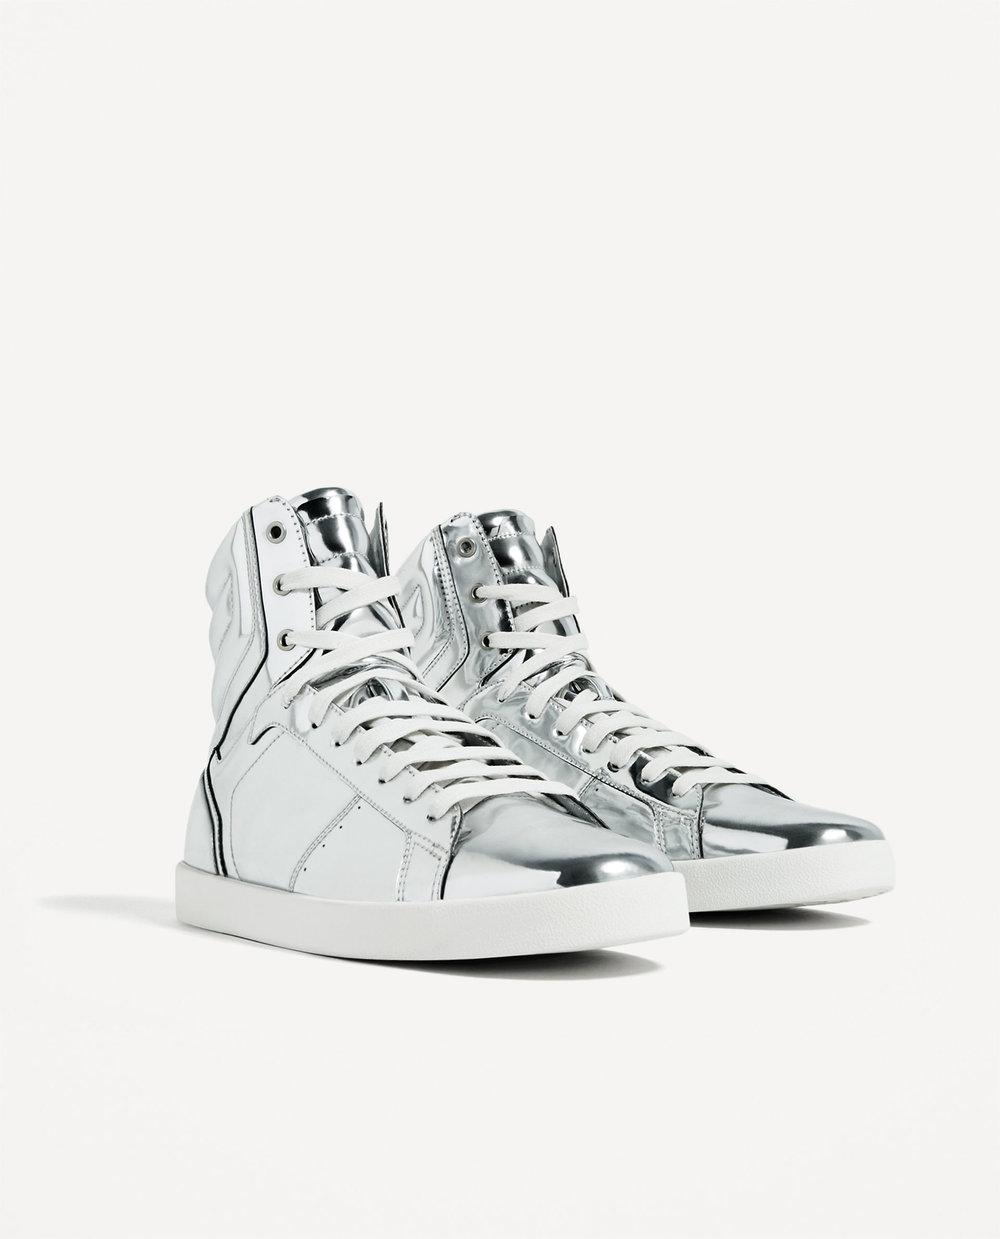 https://www.zara.com/us/en/sale/man/shoes/sneakers/silver-high-top-sneakers-c541794p4066492.html